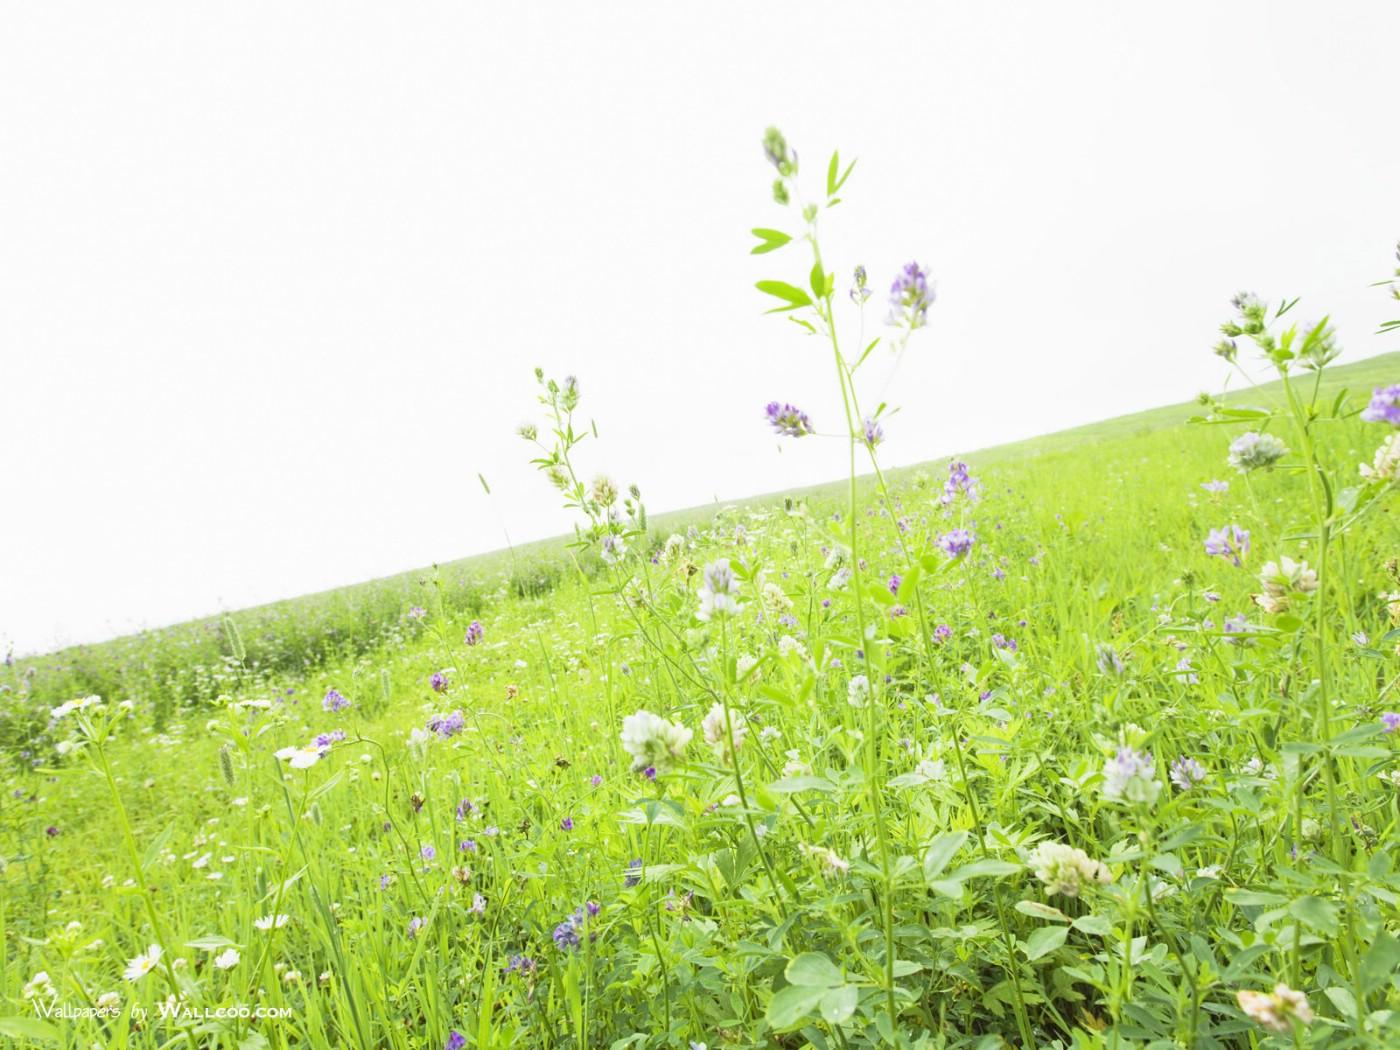 1050天空草原图片 草地上的野花图片壁纸,青青草原 草原天空摄影壁纸壁纸图片